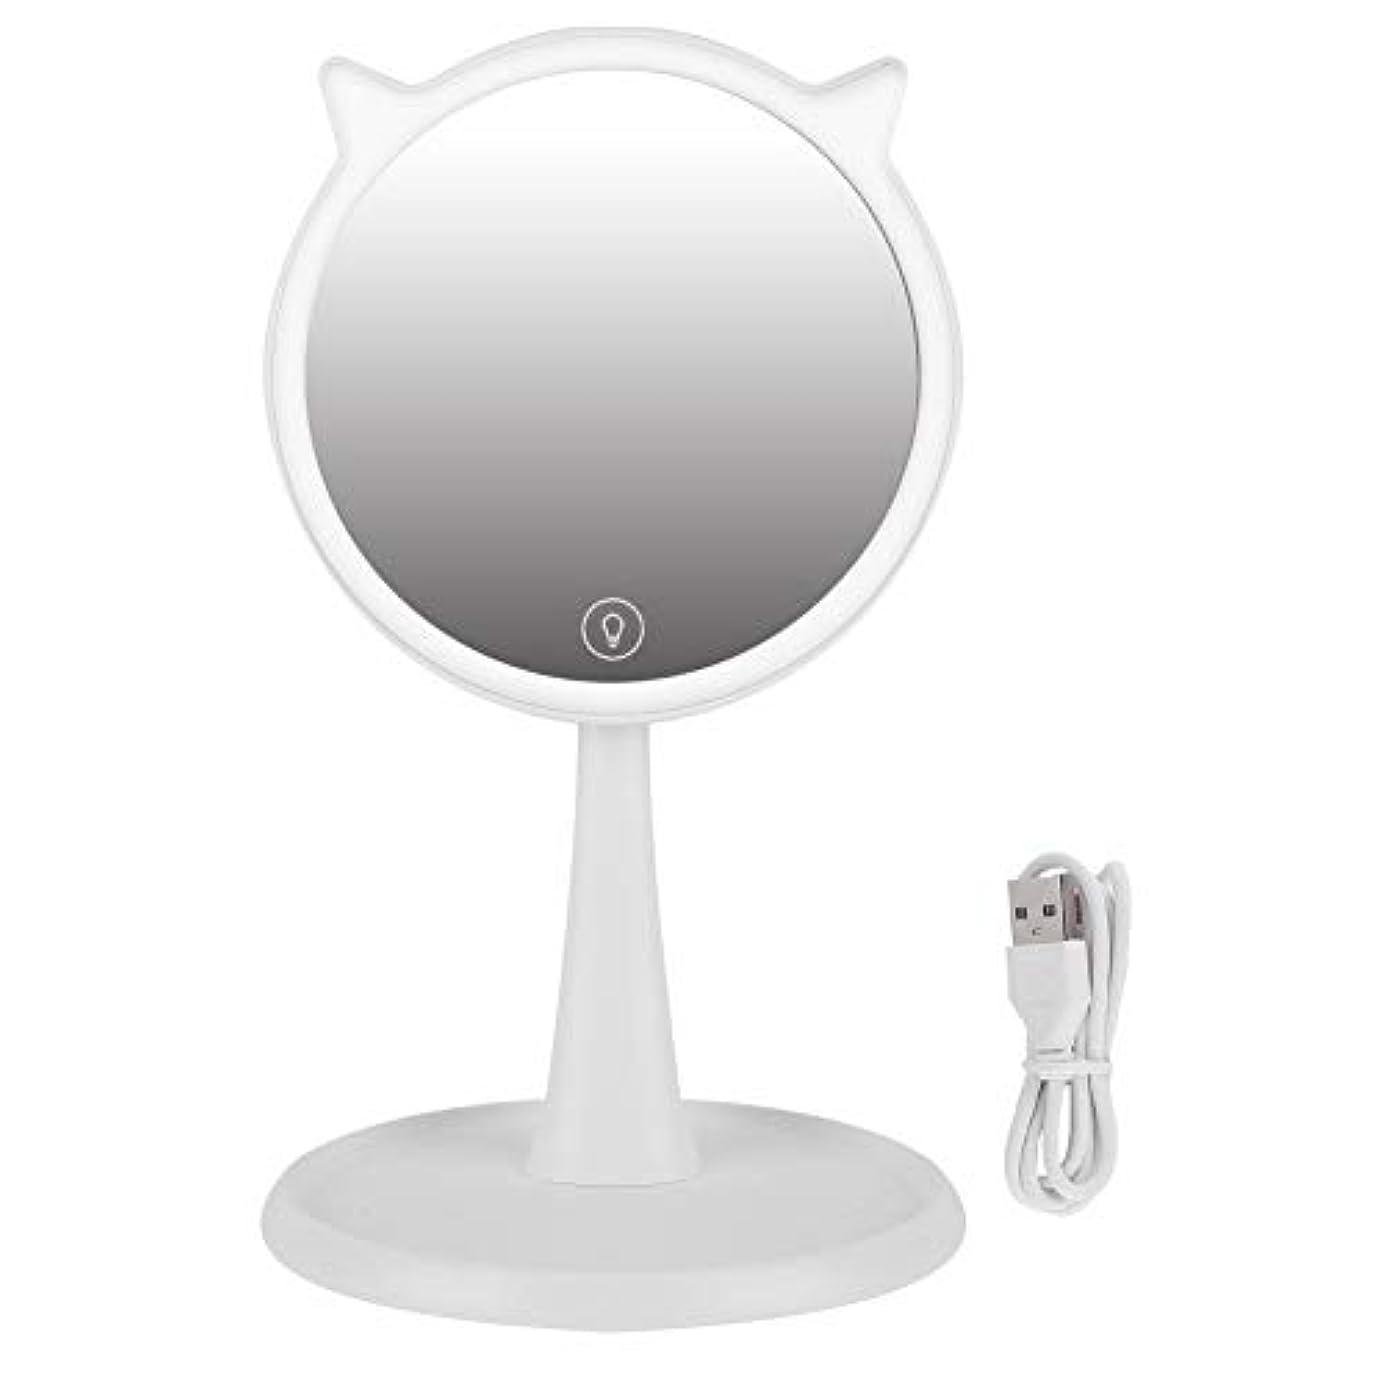 接地凝視学校教育かわいいデスクトップの理性的なLEDの化粧鏡再充電可能な角度調節可能な化粧鏡